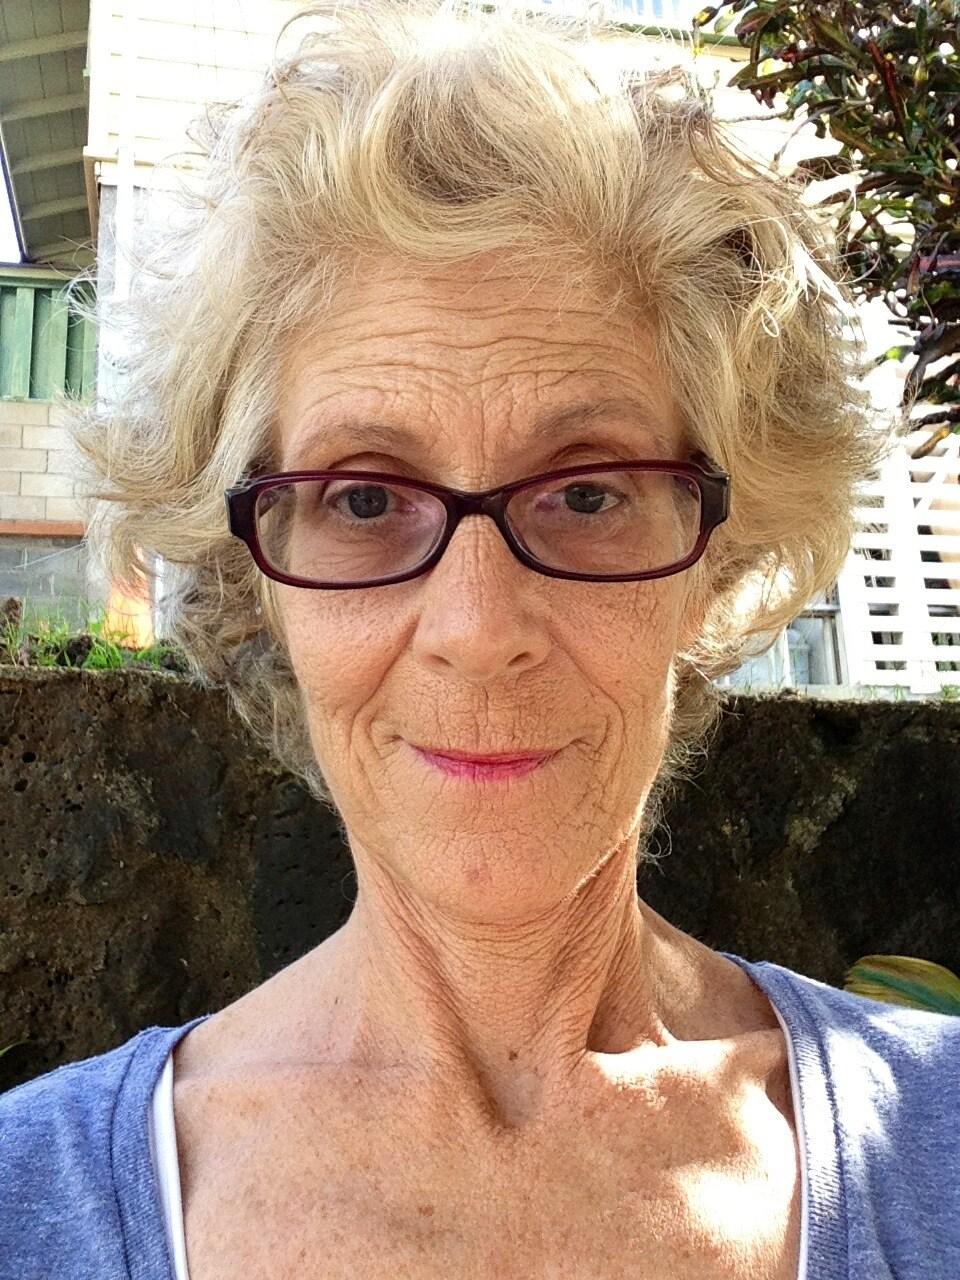 Ila from Honolulu